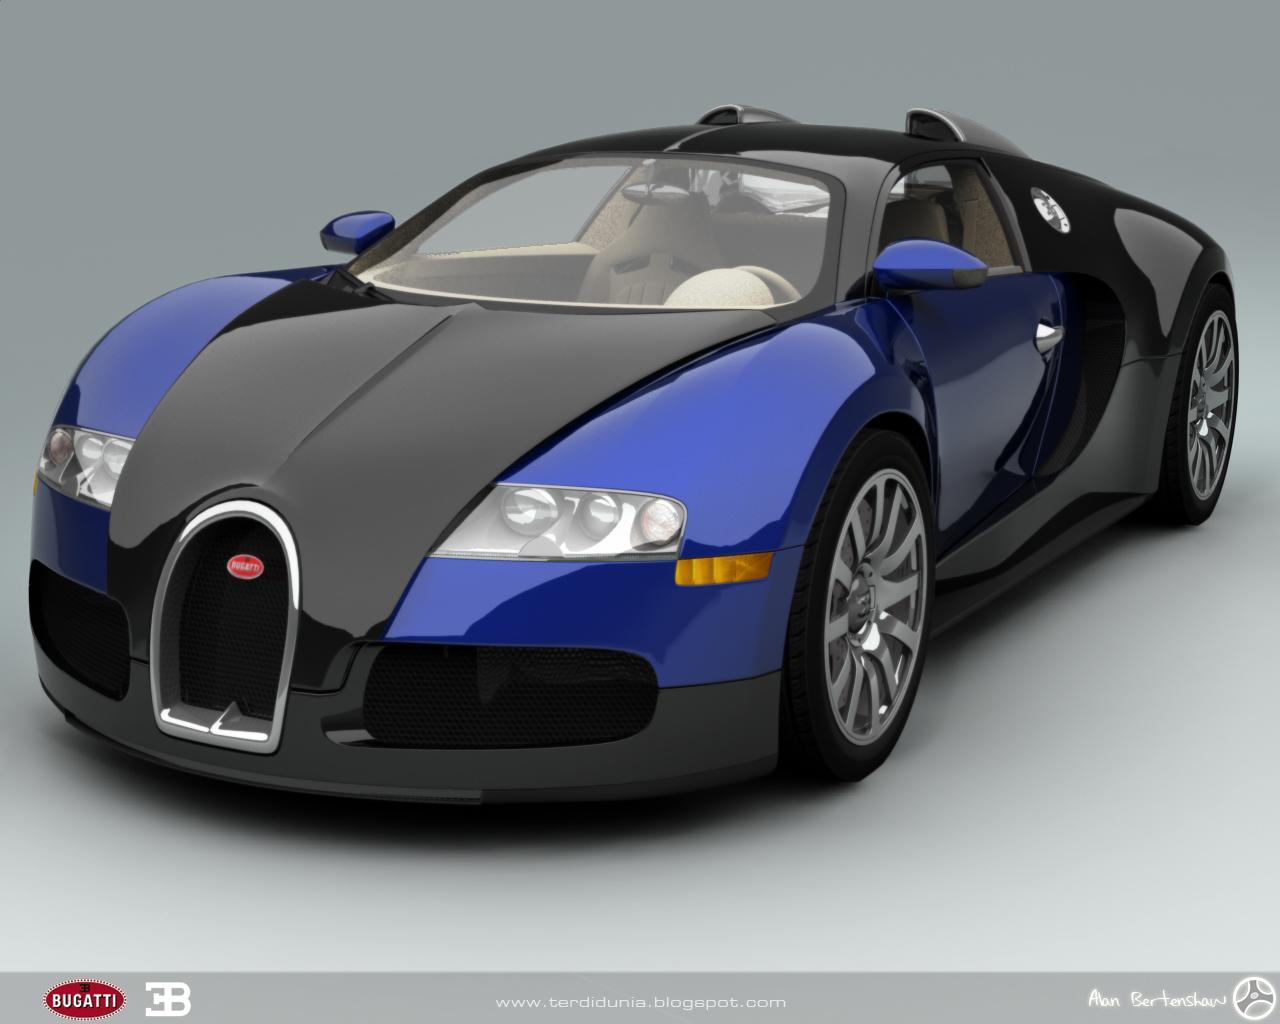 Wallpaper Mobil Sport Termahal Di Dunia: :: Ter Didunia ::: Mobil Termahal Didunia